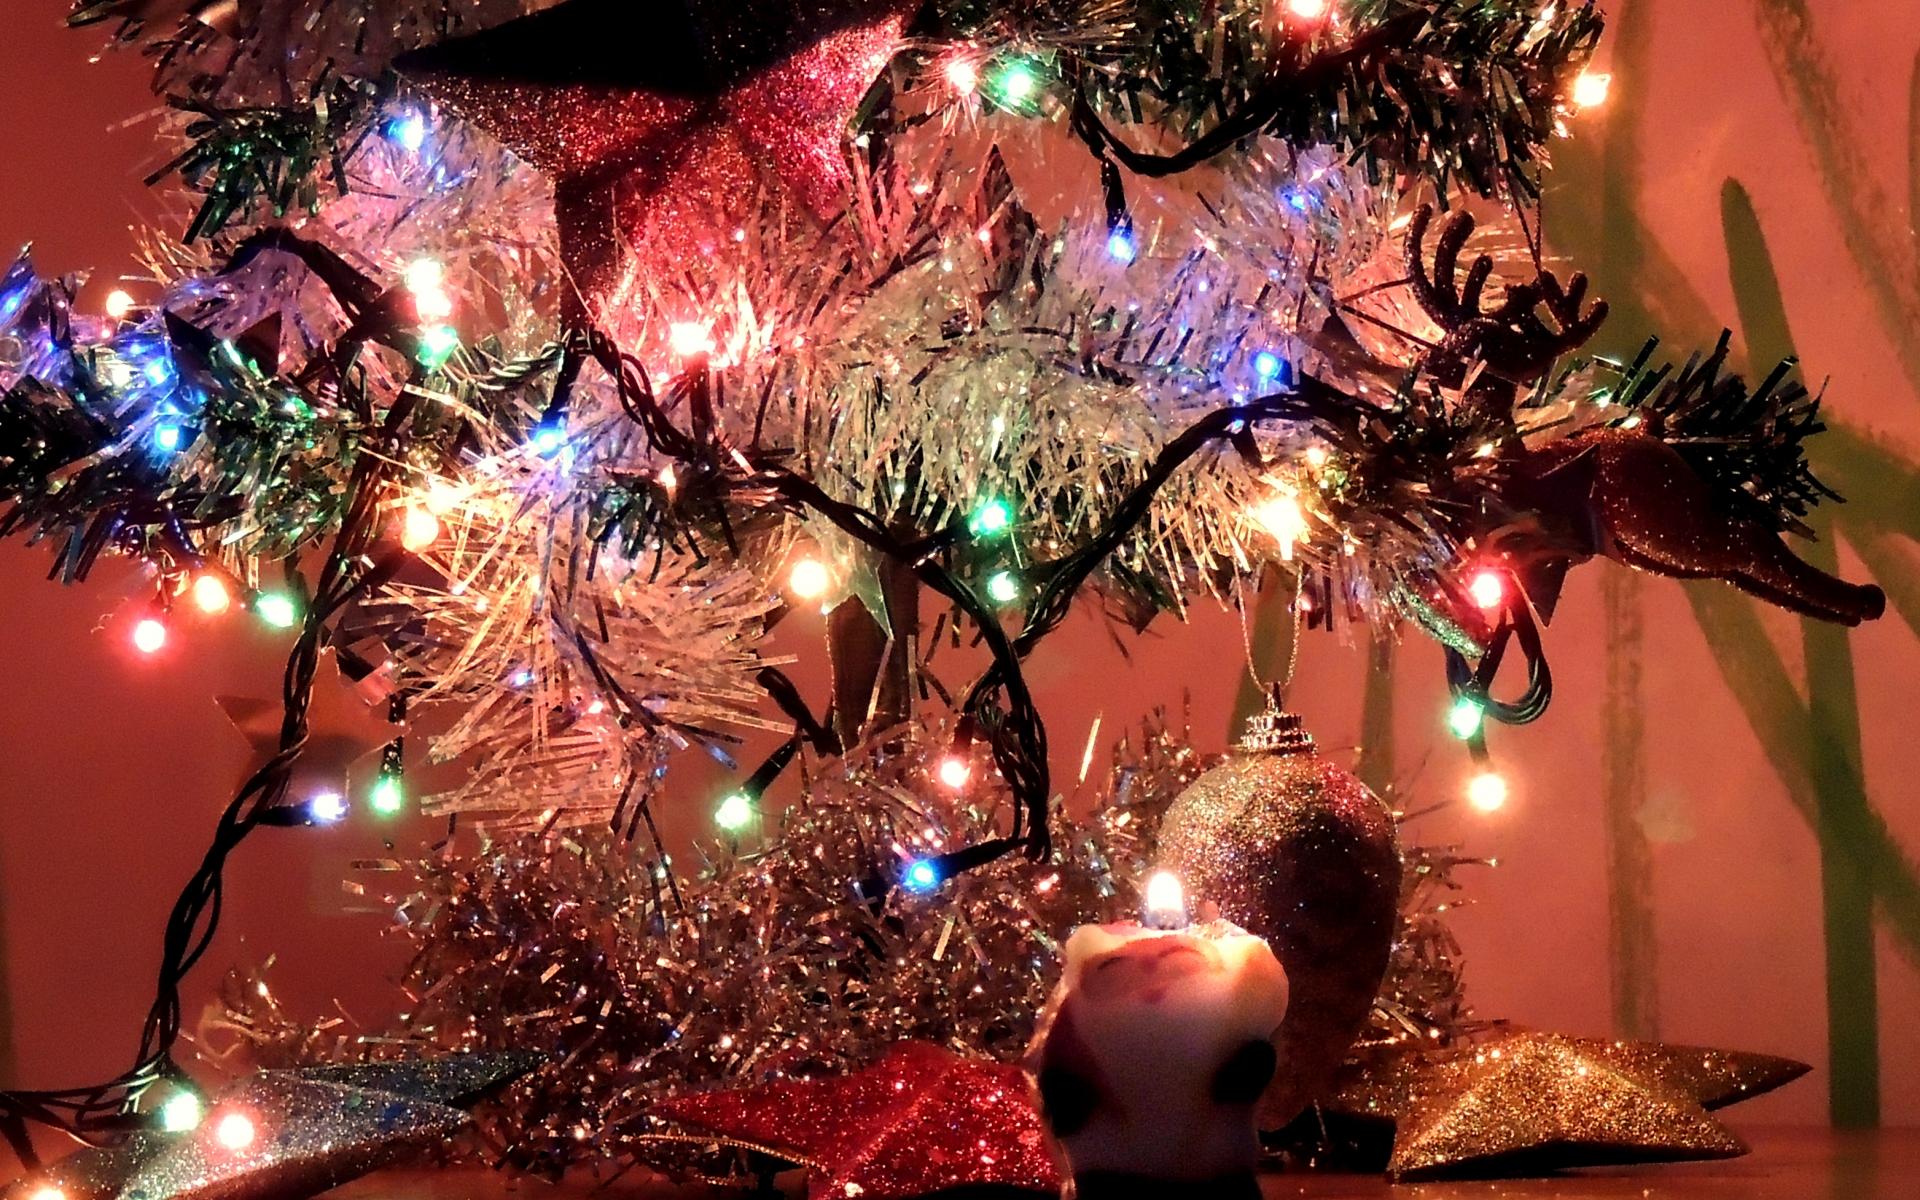 圣诞节主题PPT背景图片免费下载是由PPT宝藏(www.pptbz.com)会员zengmin上传推荐的节日PPT背景图片, 更新时间为2016-10-11,素材编号105498。 大部分的天主教教堂都会先在24日的平安夜,亦即12月25日凌晨举行子夜弥撒,而一些基督教会则会举行报佳音,然后在12月25日庆祝圣诞节;基督教的另一大分支东正教的圣诞节庆则在每年的1月7日。 12月25日本是波斯太阳神(即光明之神)密特拉(Mithra)的诞辰,是一个异教徒节日,同时太阳神也是罗马国教众神之一。这一天又是罗马